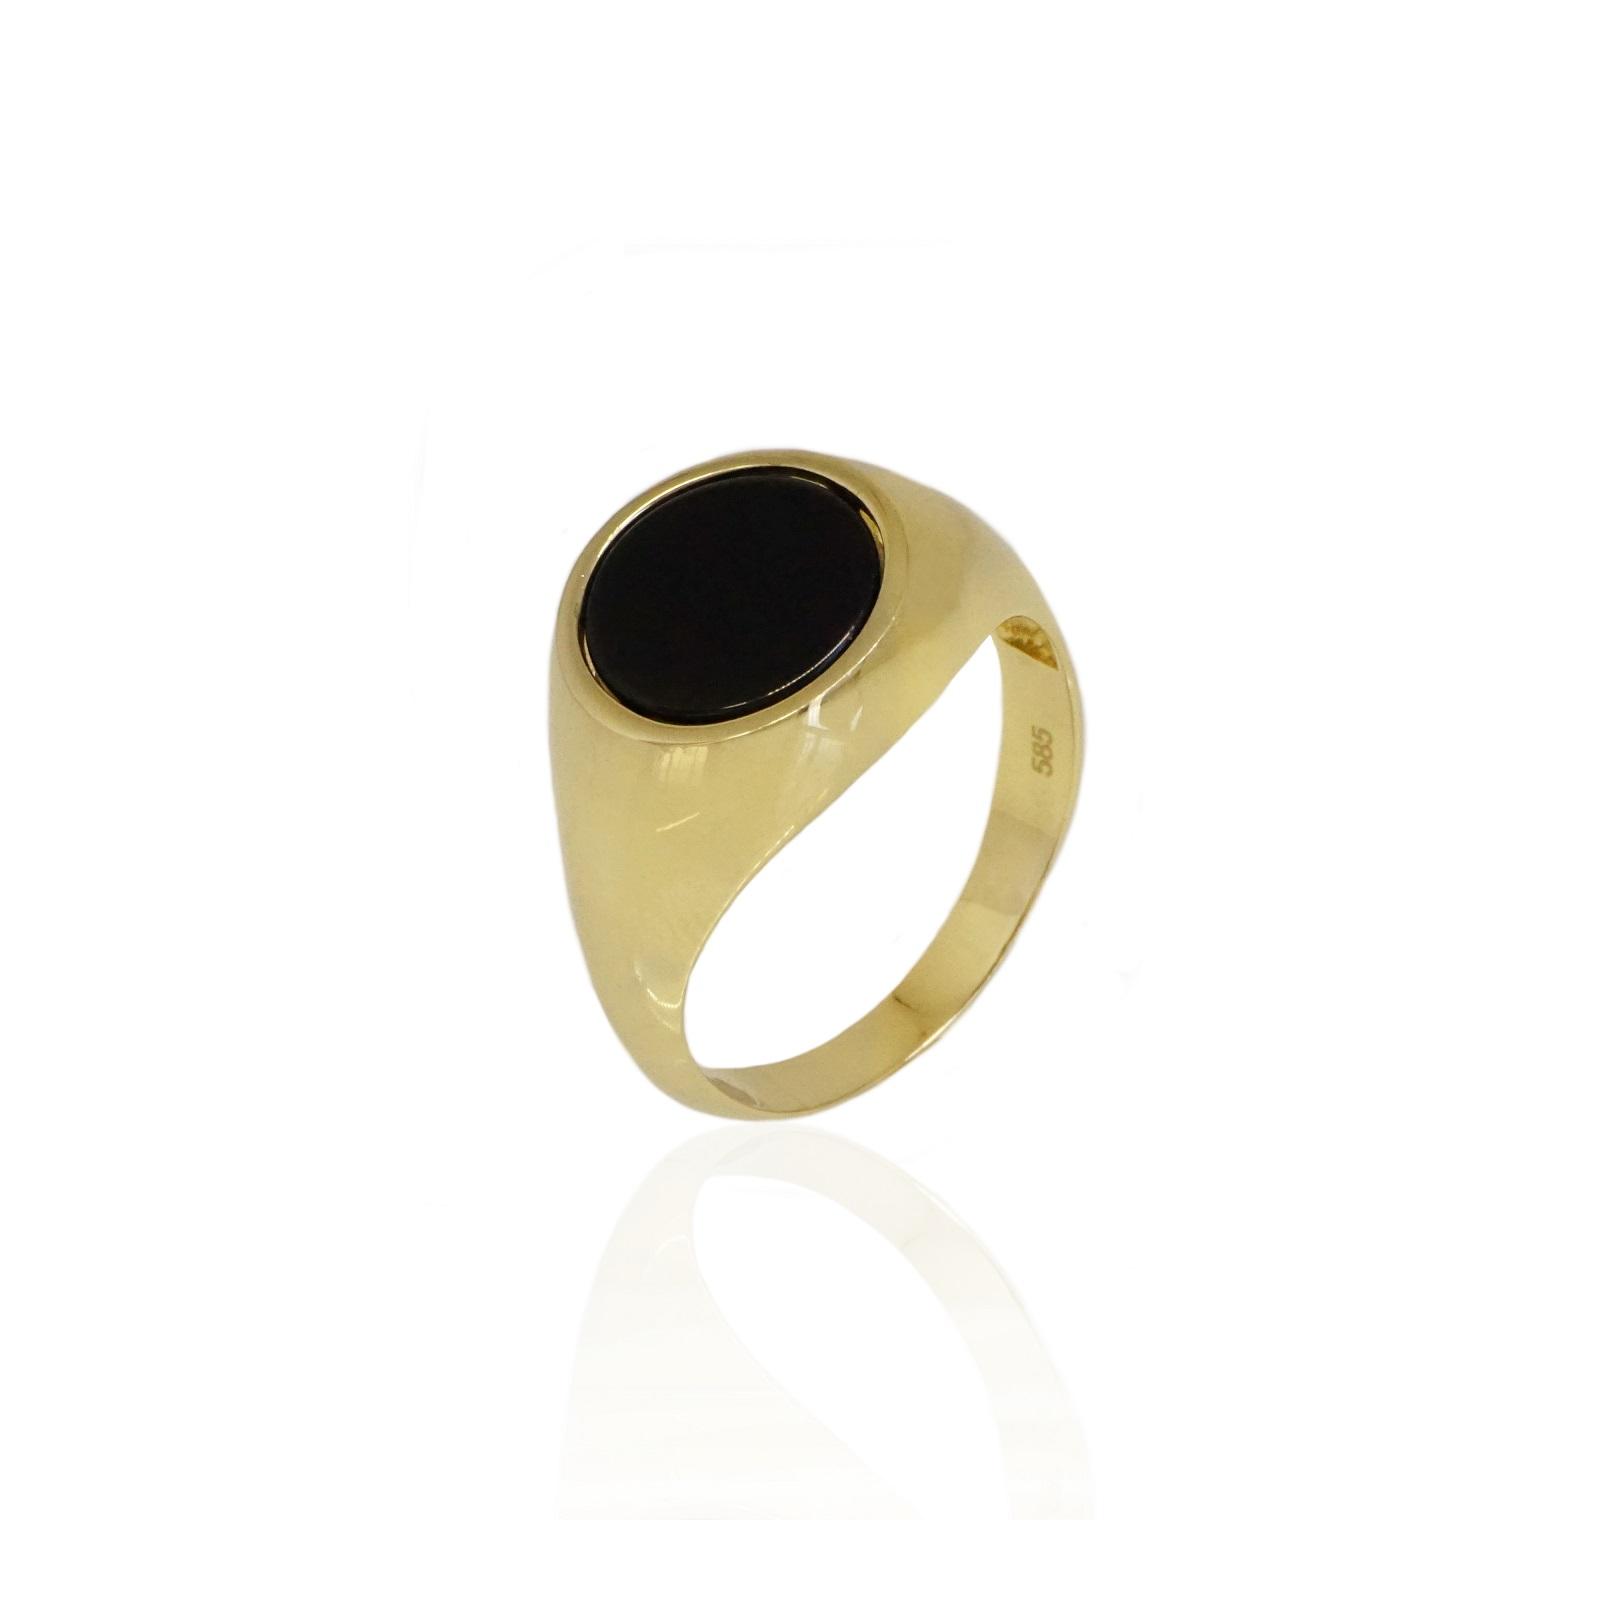 טבעת זהב לגבר עם אבן אוניקס